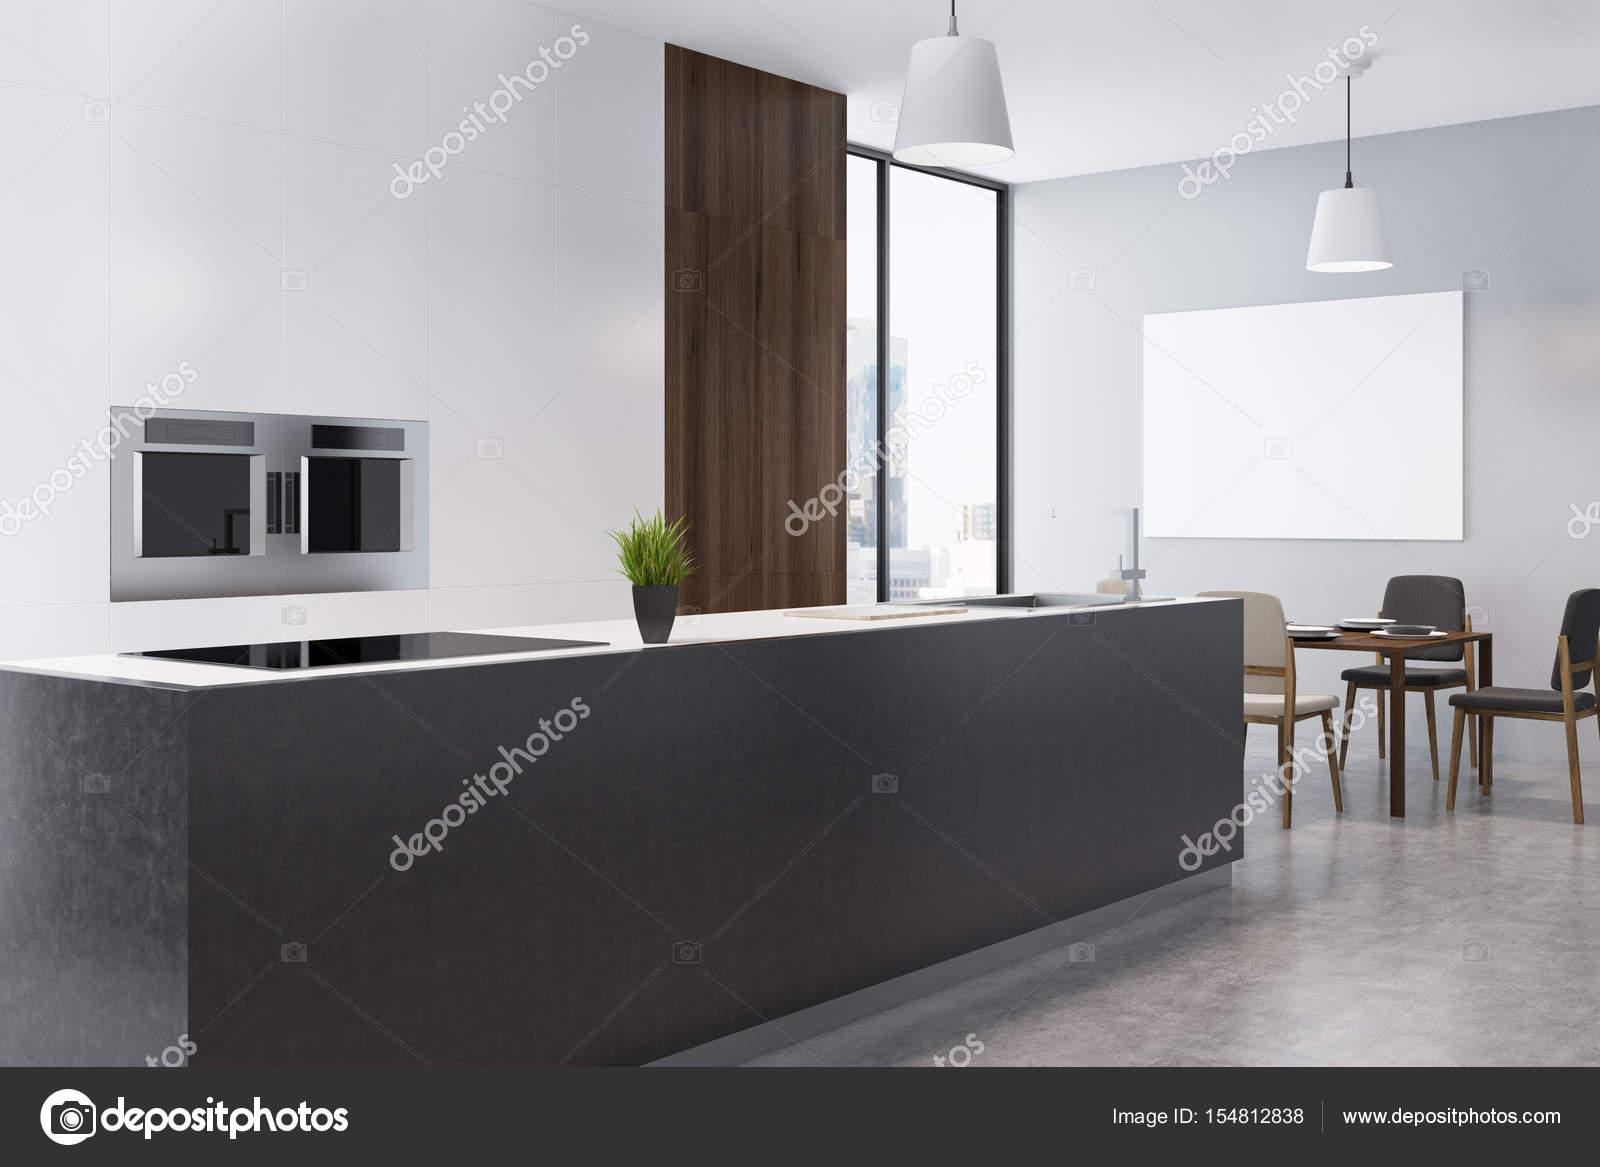 Studioküche und Esszimmer mit Poster, Ecke — Stockfoto ...